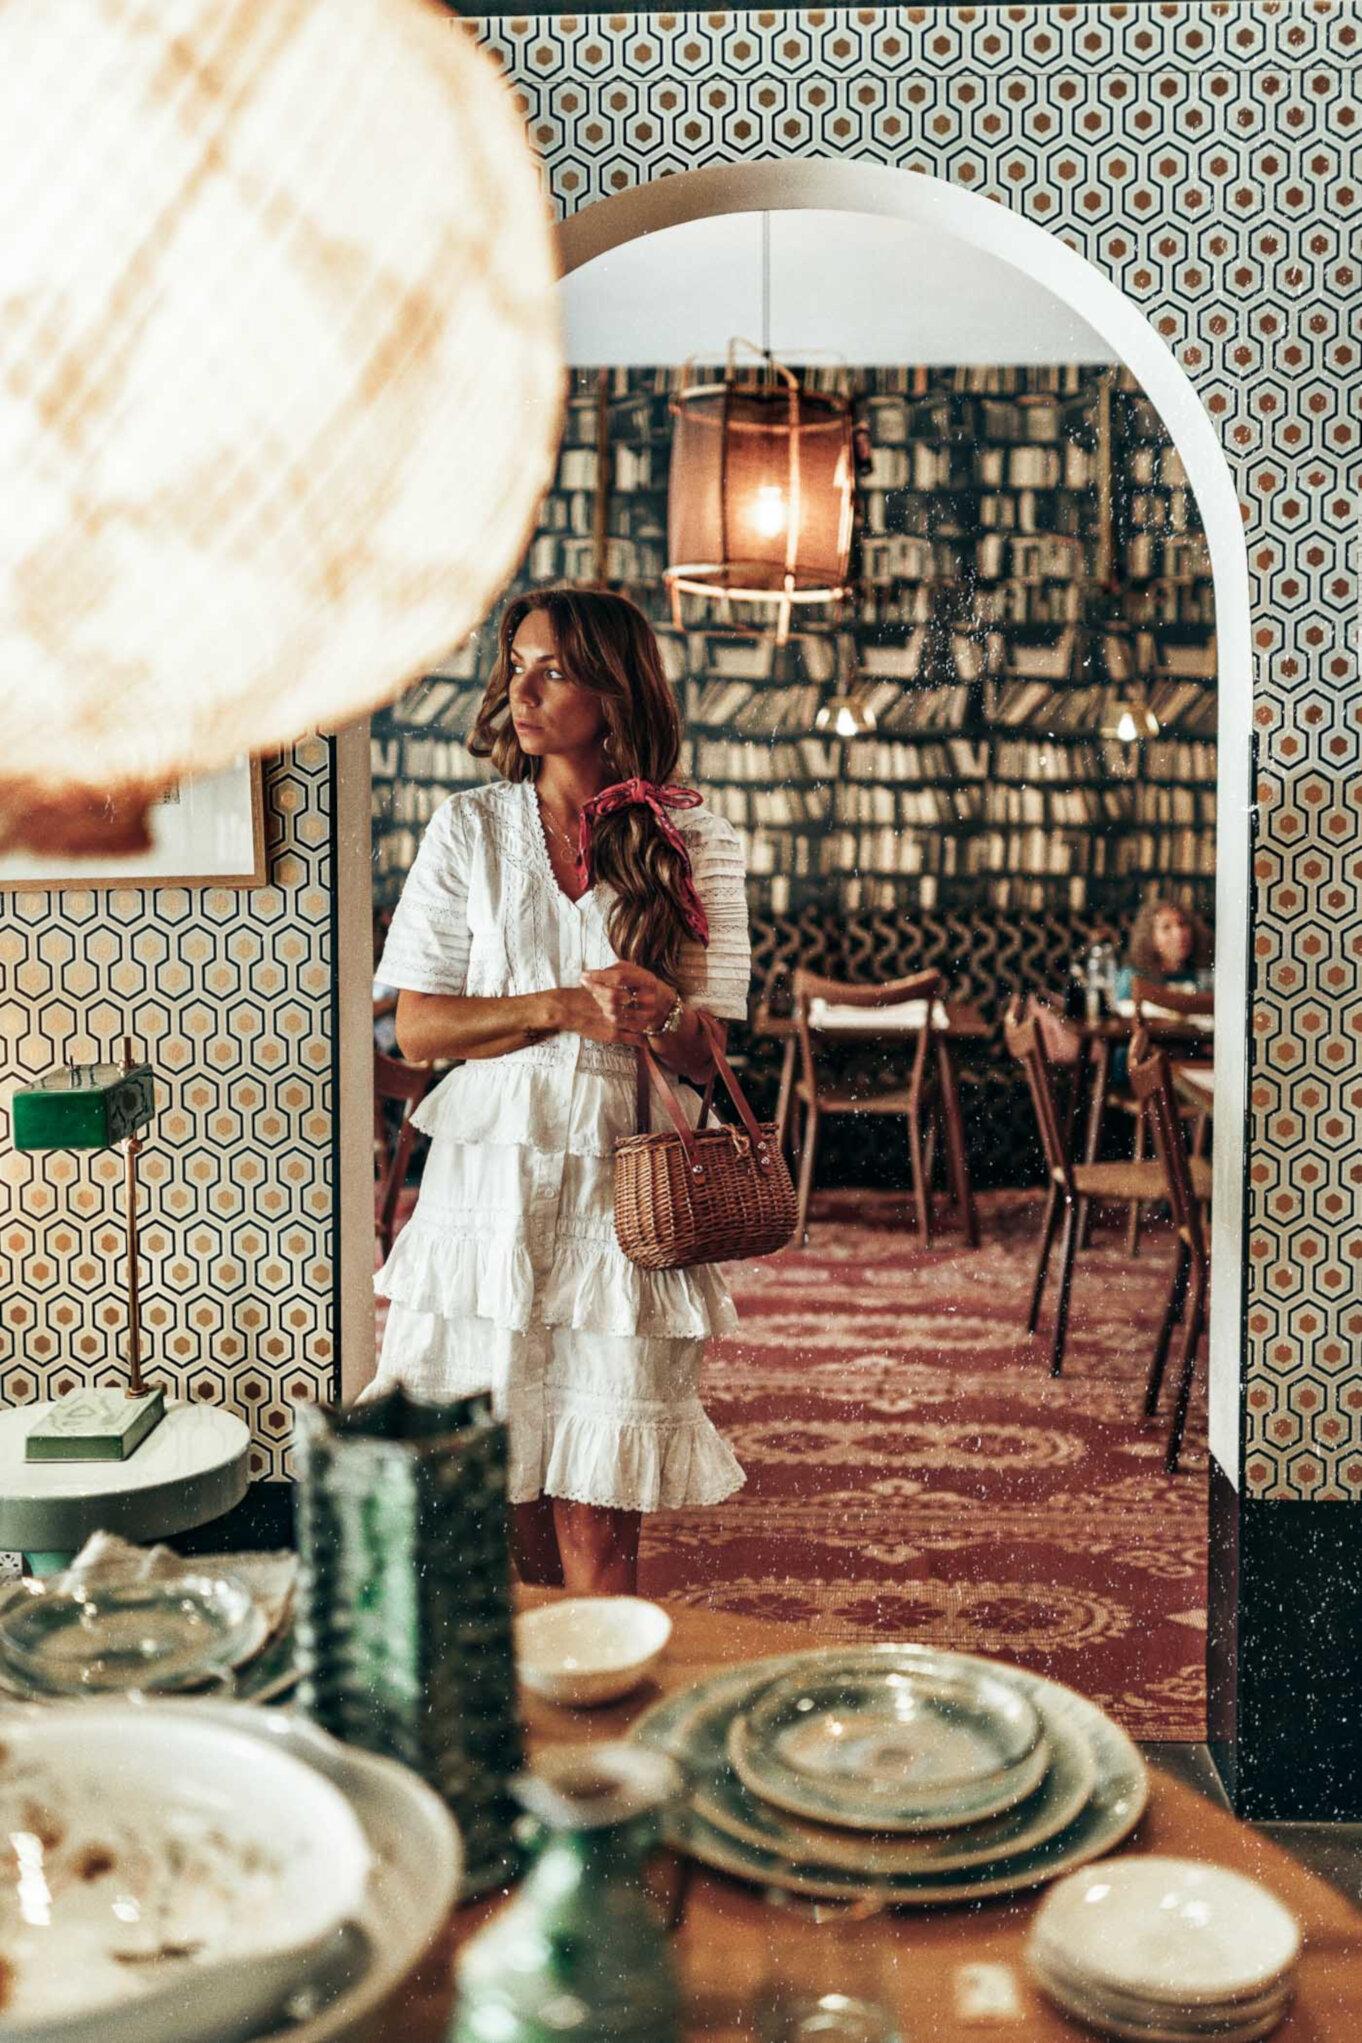 Sklep Comptoir 102 w Dubaju z ubraniami, biżuterią i meblami niszowych marek